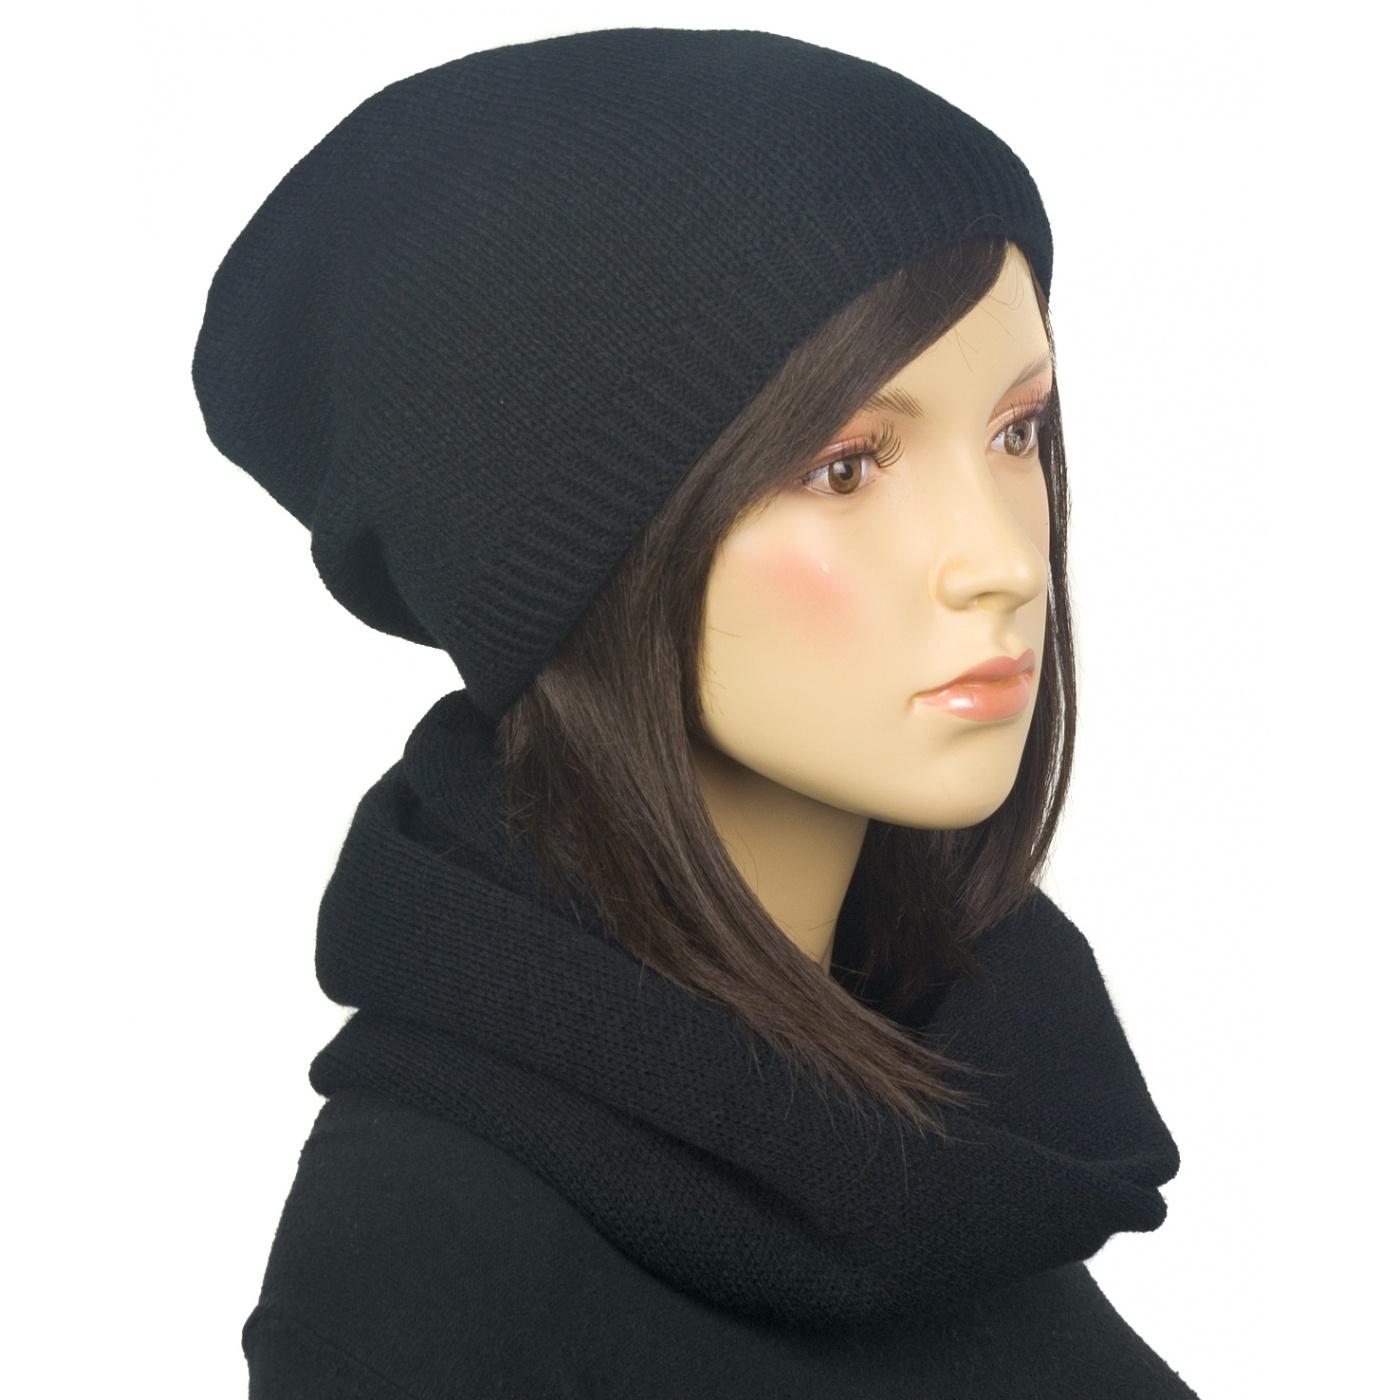 Komplet zimowy damski czapka i szalik komin - czarny